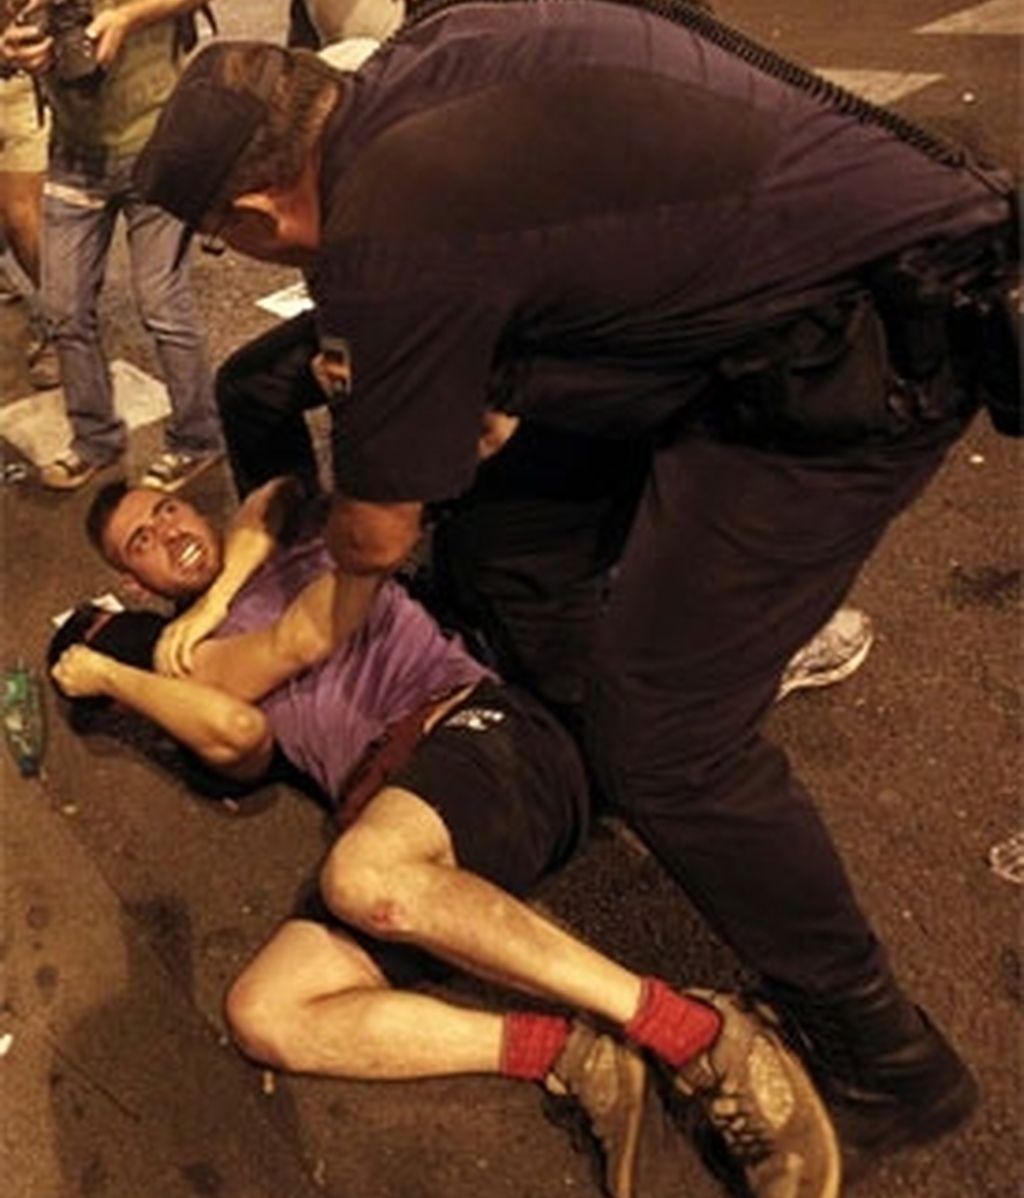 La Policía carga contra manifestantes contrarios a la Jornada Mundial de la Juventud. Vídeo: Informativos Telecinco.